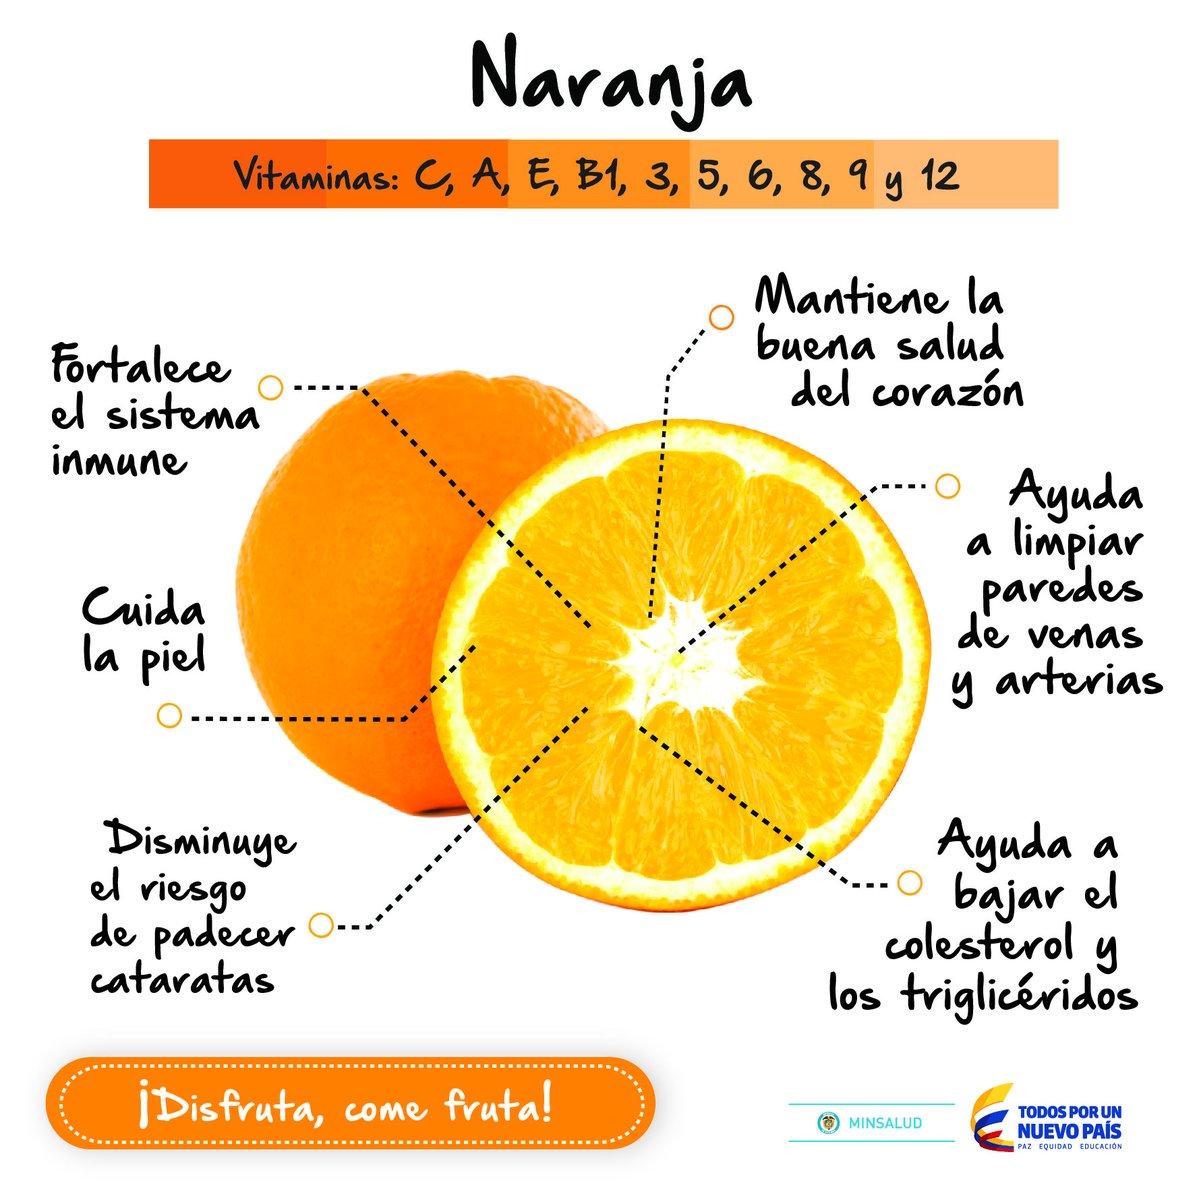 La naranja ayuda a limpiar las venas y arterias ...